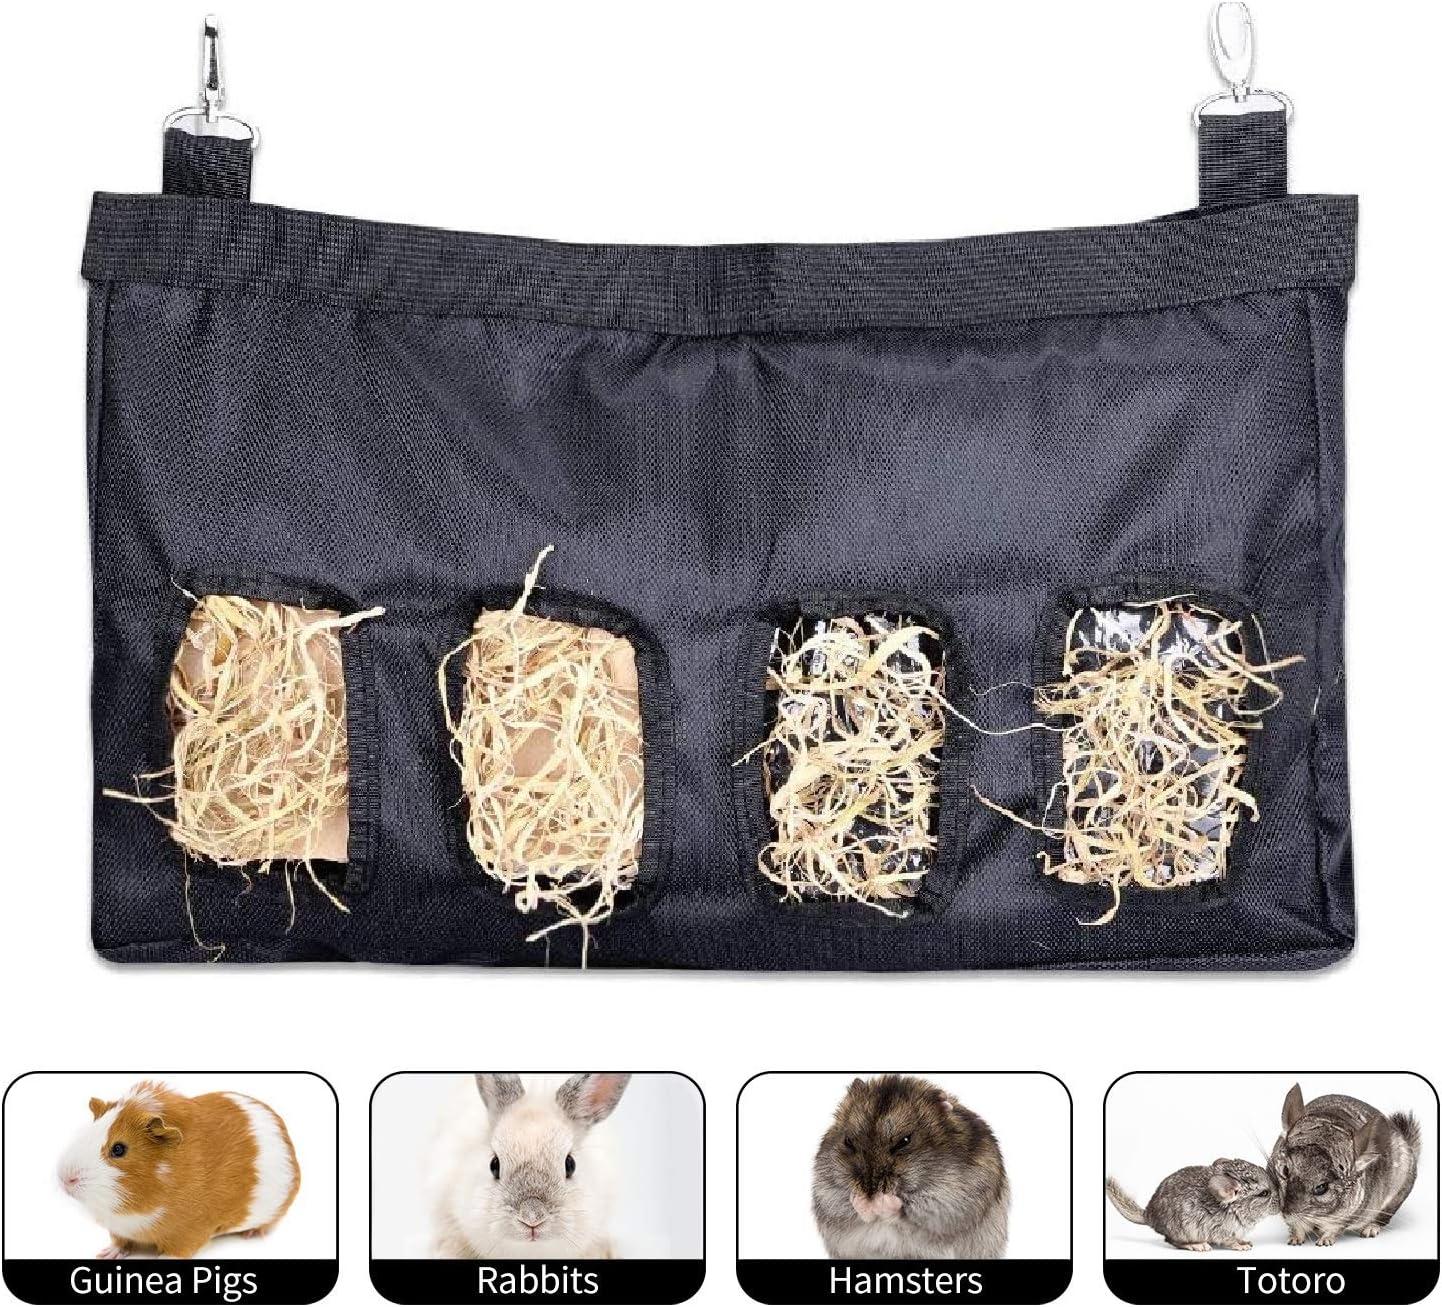 M.Q.L. Bolsa de heno de Conejo, comedero de heno de cuy, comedero de heno para Mascotas, Chinchilla de Conejillo de Indias o Animales pequeños, Bolsa de alimentación de Larga duración.